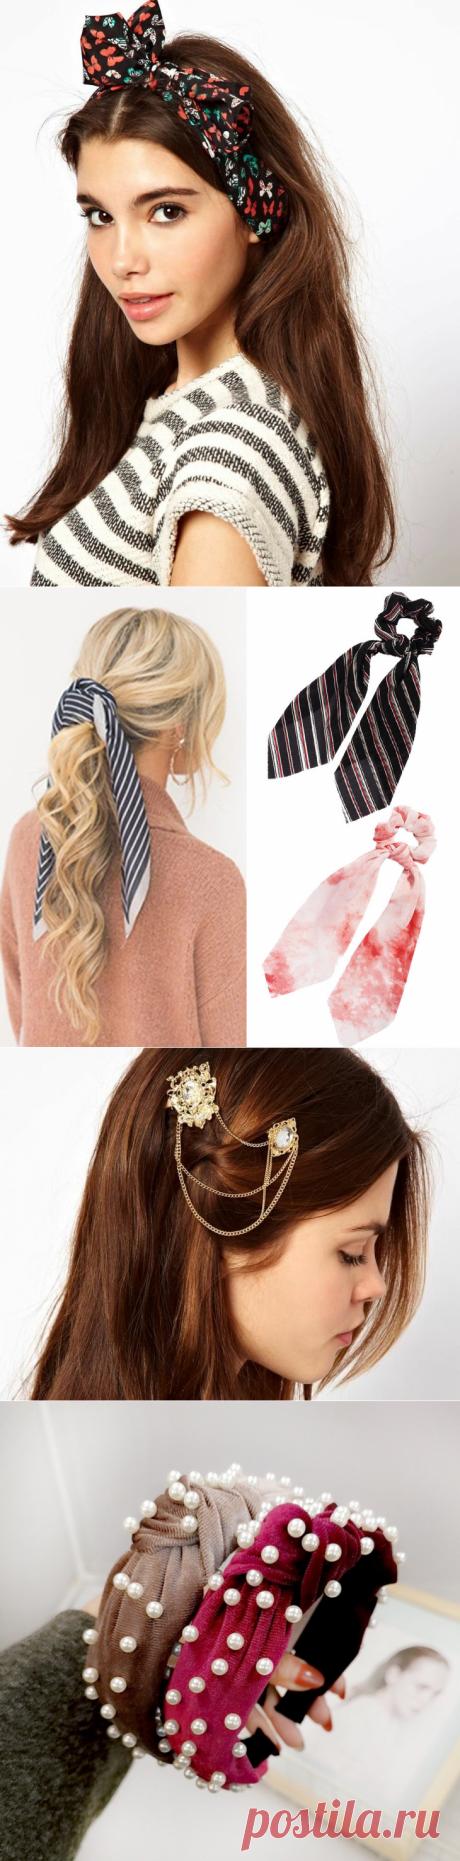 Красивая подборка украшении для волос! | Творческая Артель.DIY | Яндекс Дзен